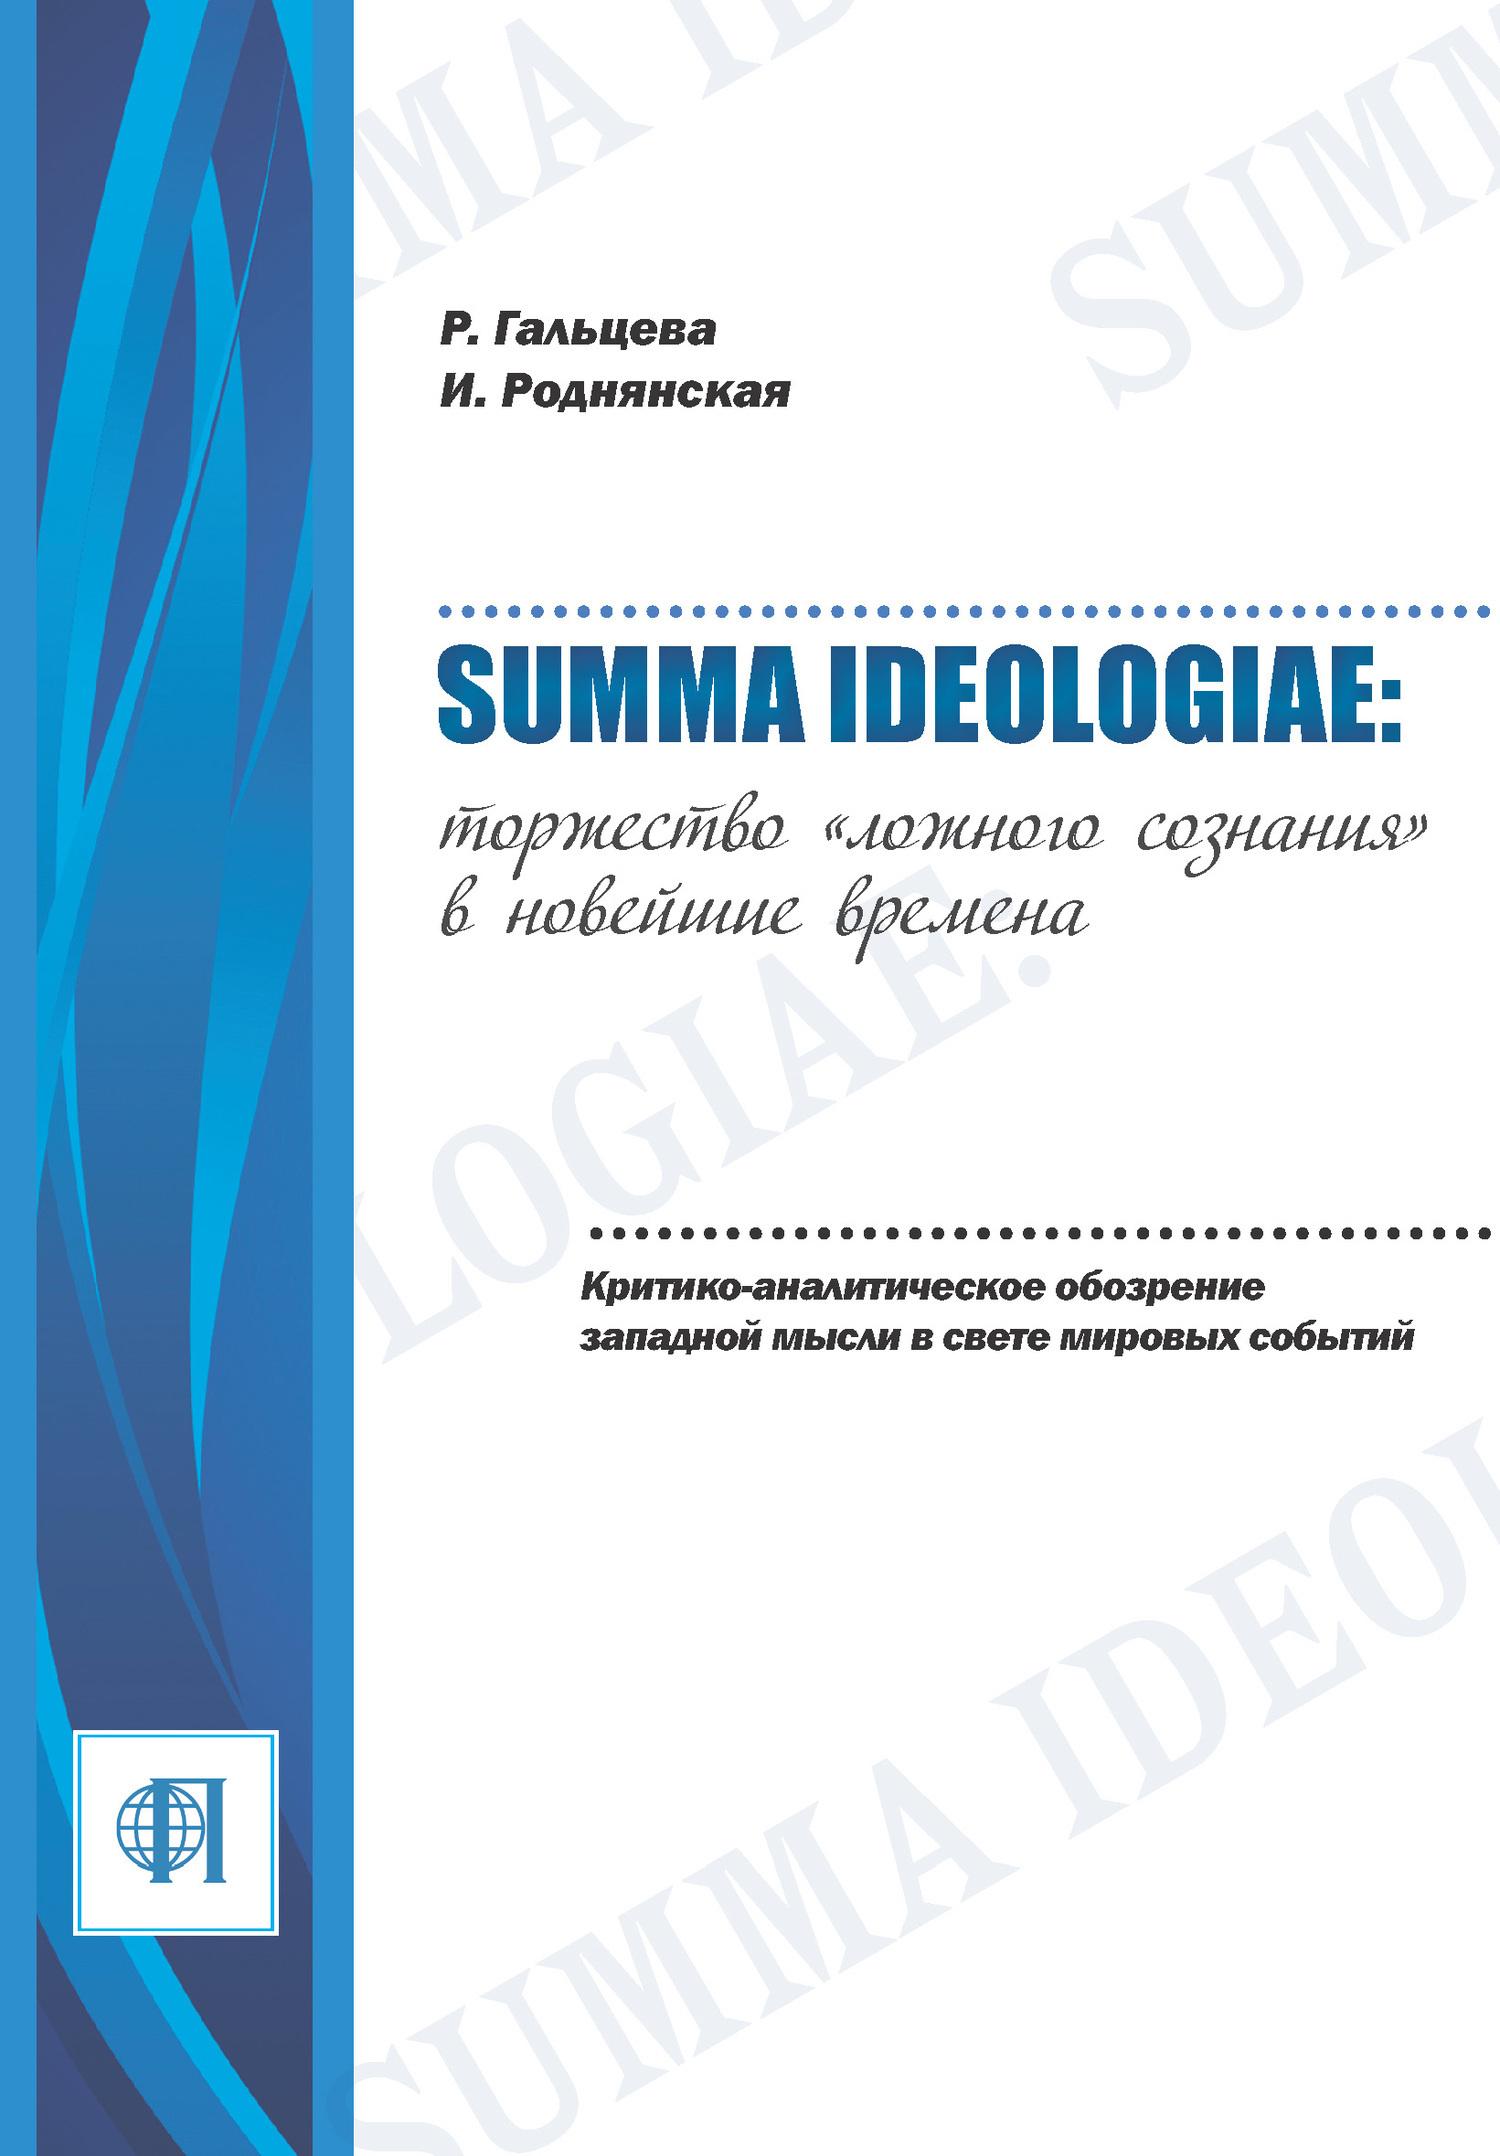 Summa ideologiae: Торжество «ложного сознания» вновейшие времена. Критико-аналитическое обозрение западной мысли в свете мировых событий